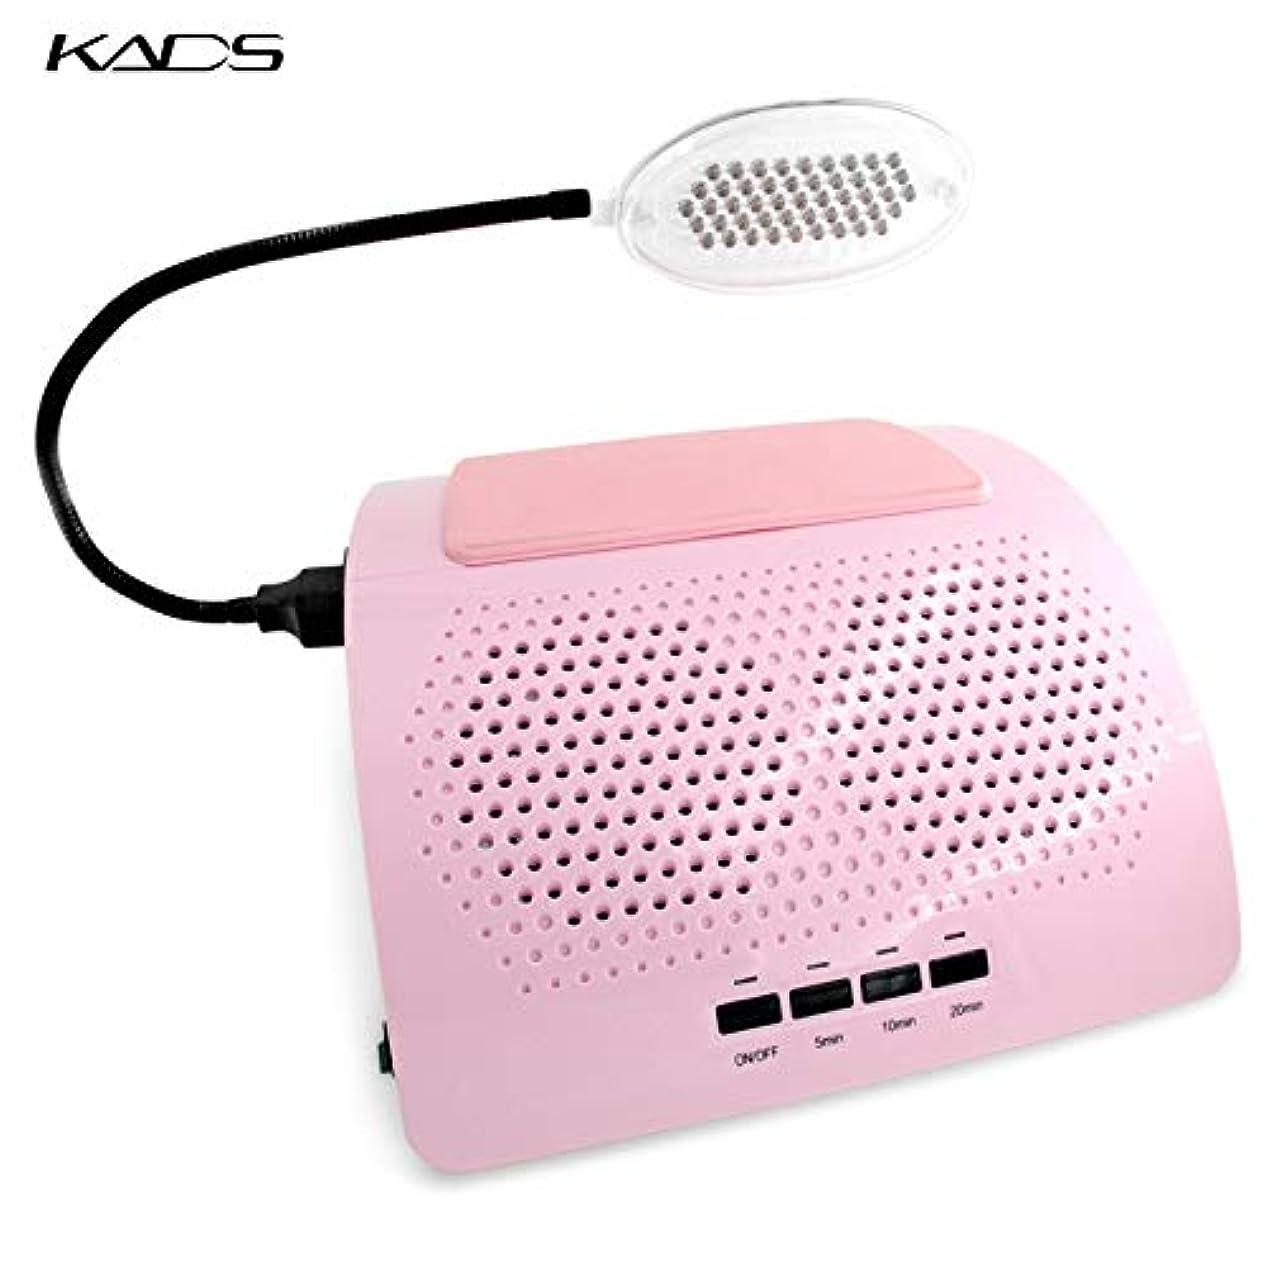 ガスマザーランド即席KADS 40W ネイルダスト集塵機 2つのファン LEDライト付き ネイルダストコレクター 低騒音/ワンボタン設定 電動ネイルダストクリーナー 電動ネイル集塵機 ネイルケア用 ネイルアート道具